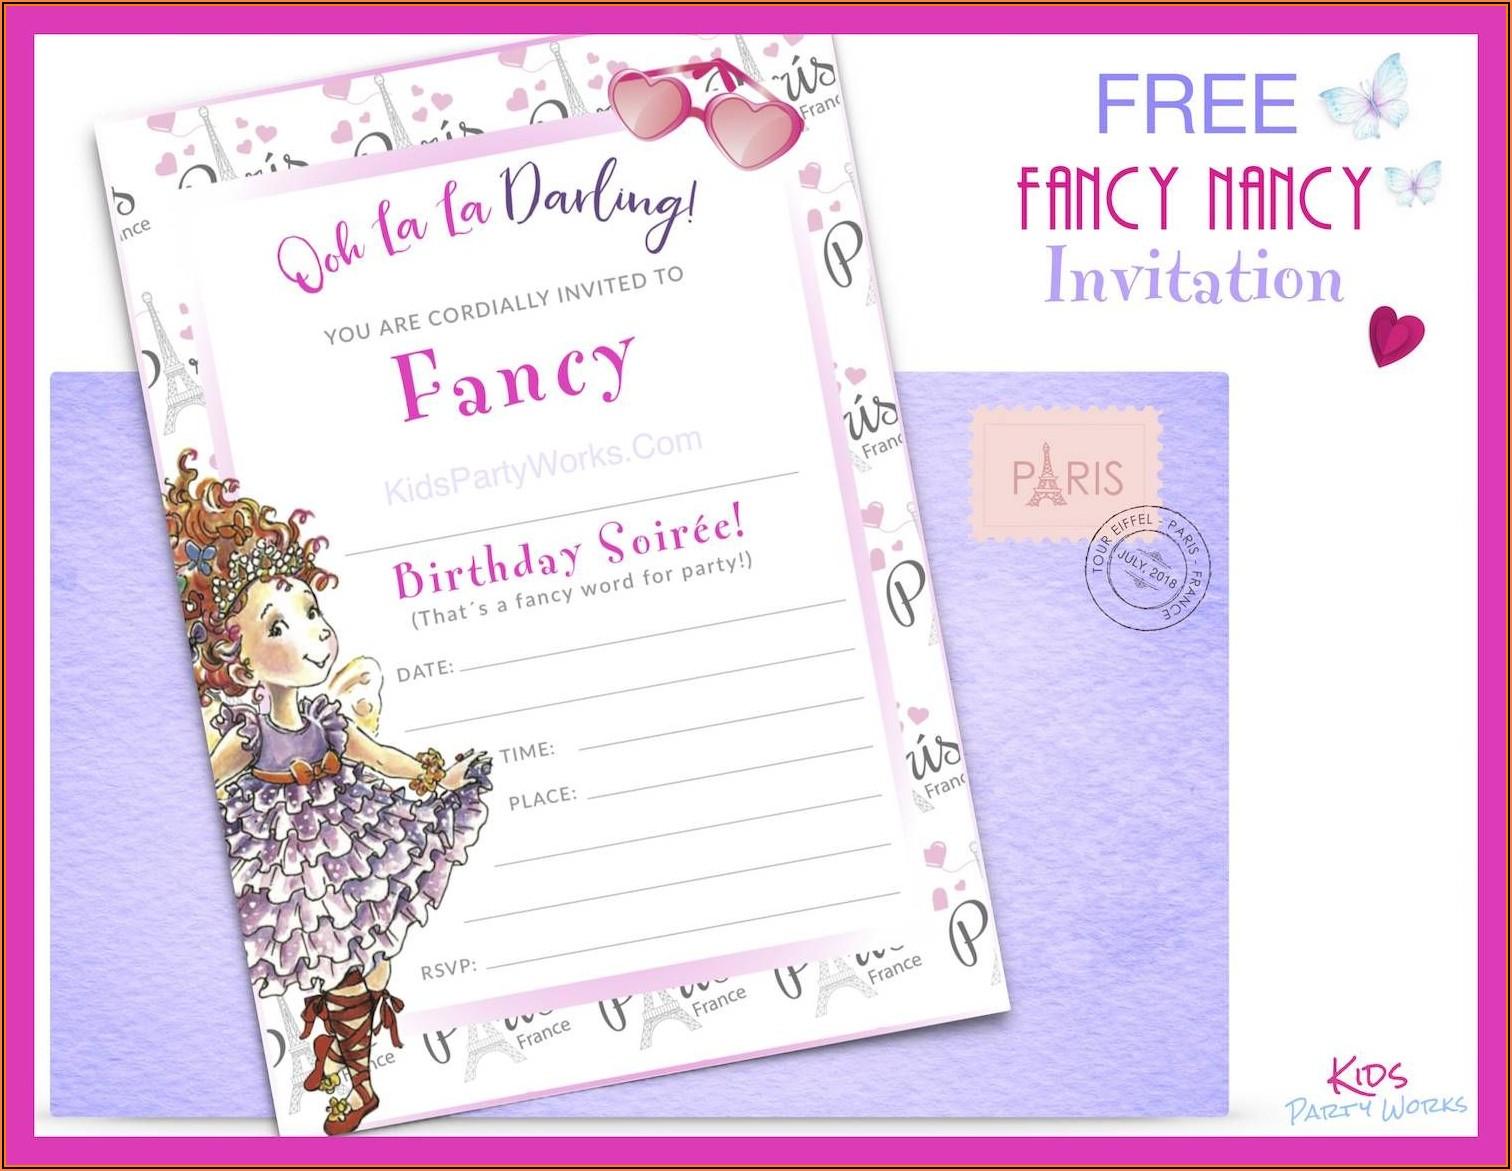 Fancy Nancy Invitation Template Free